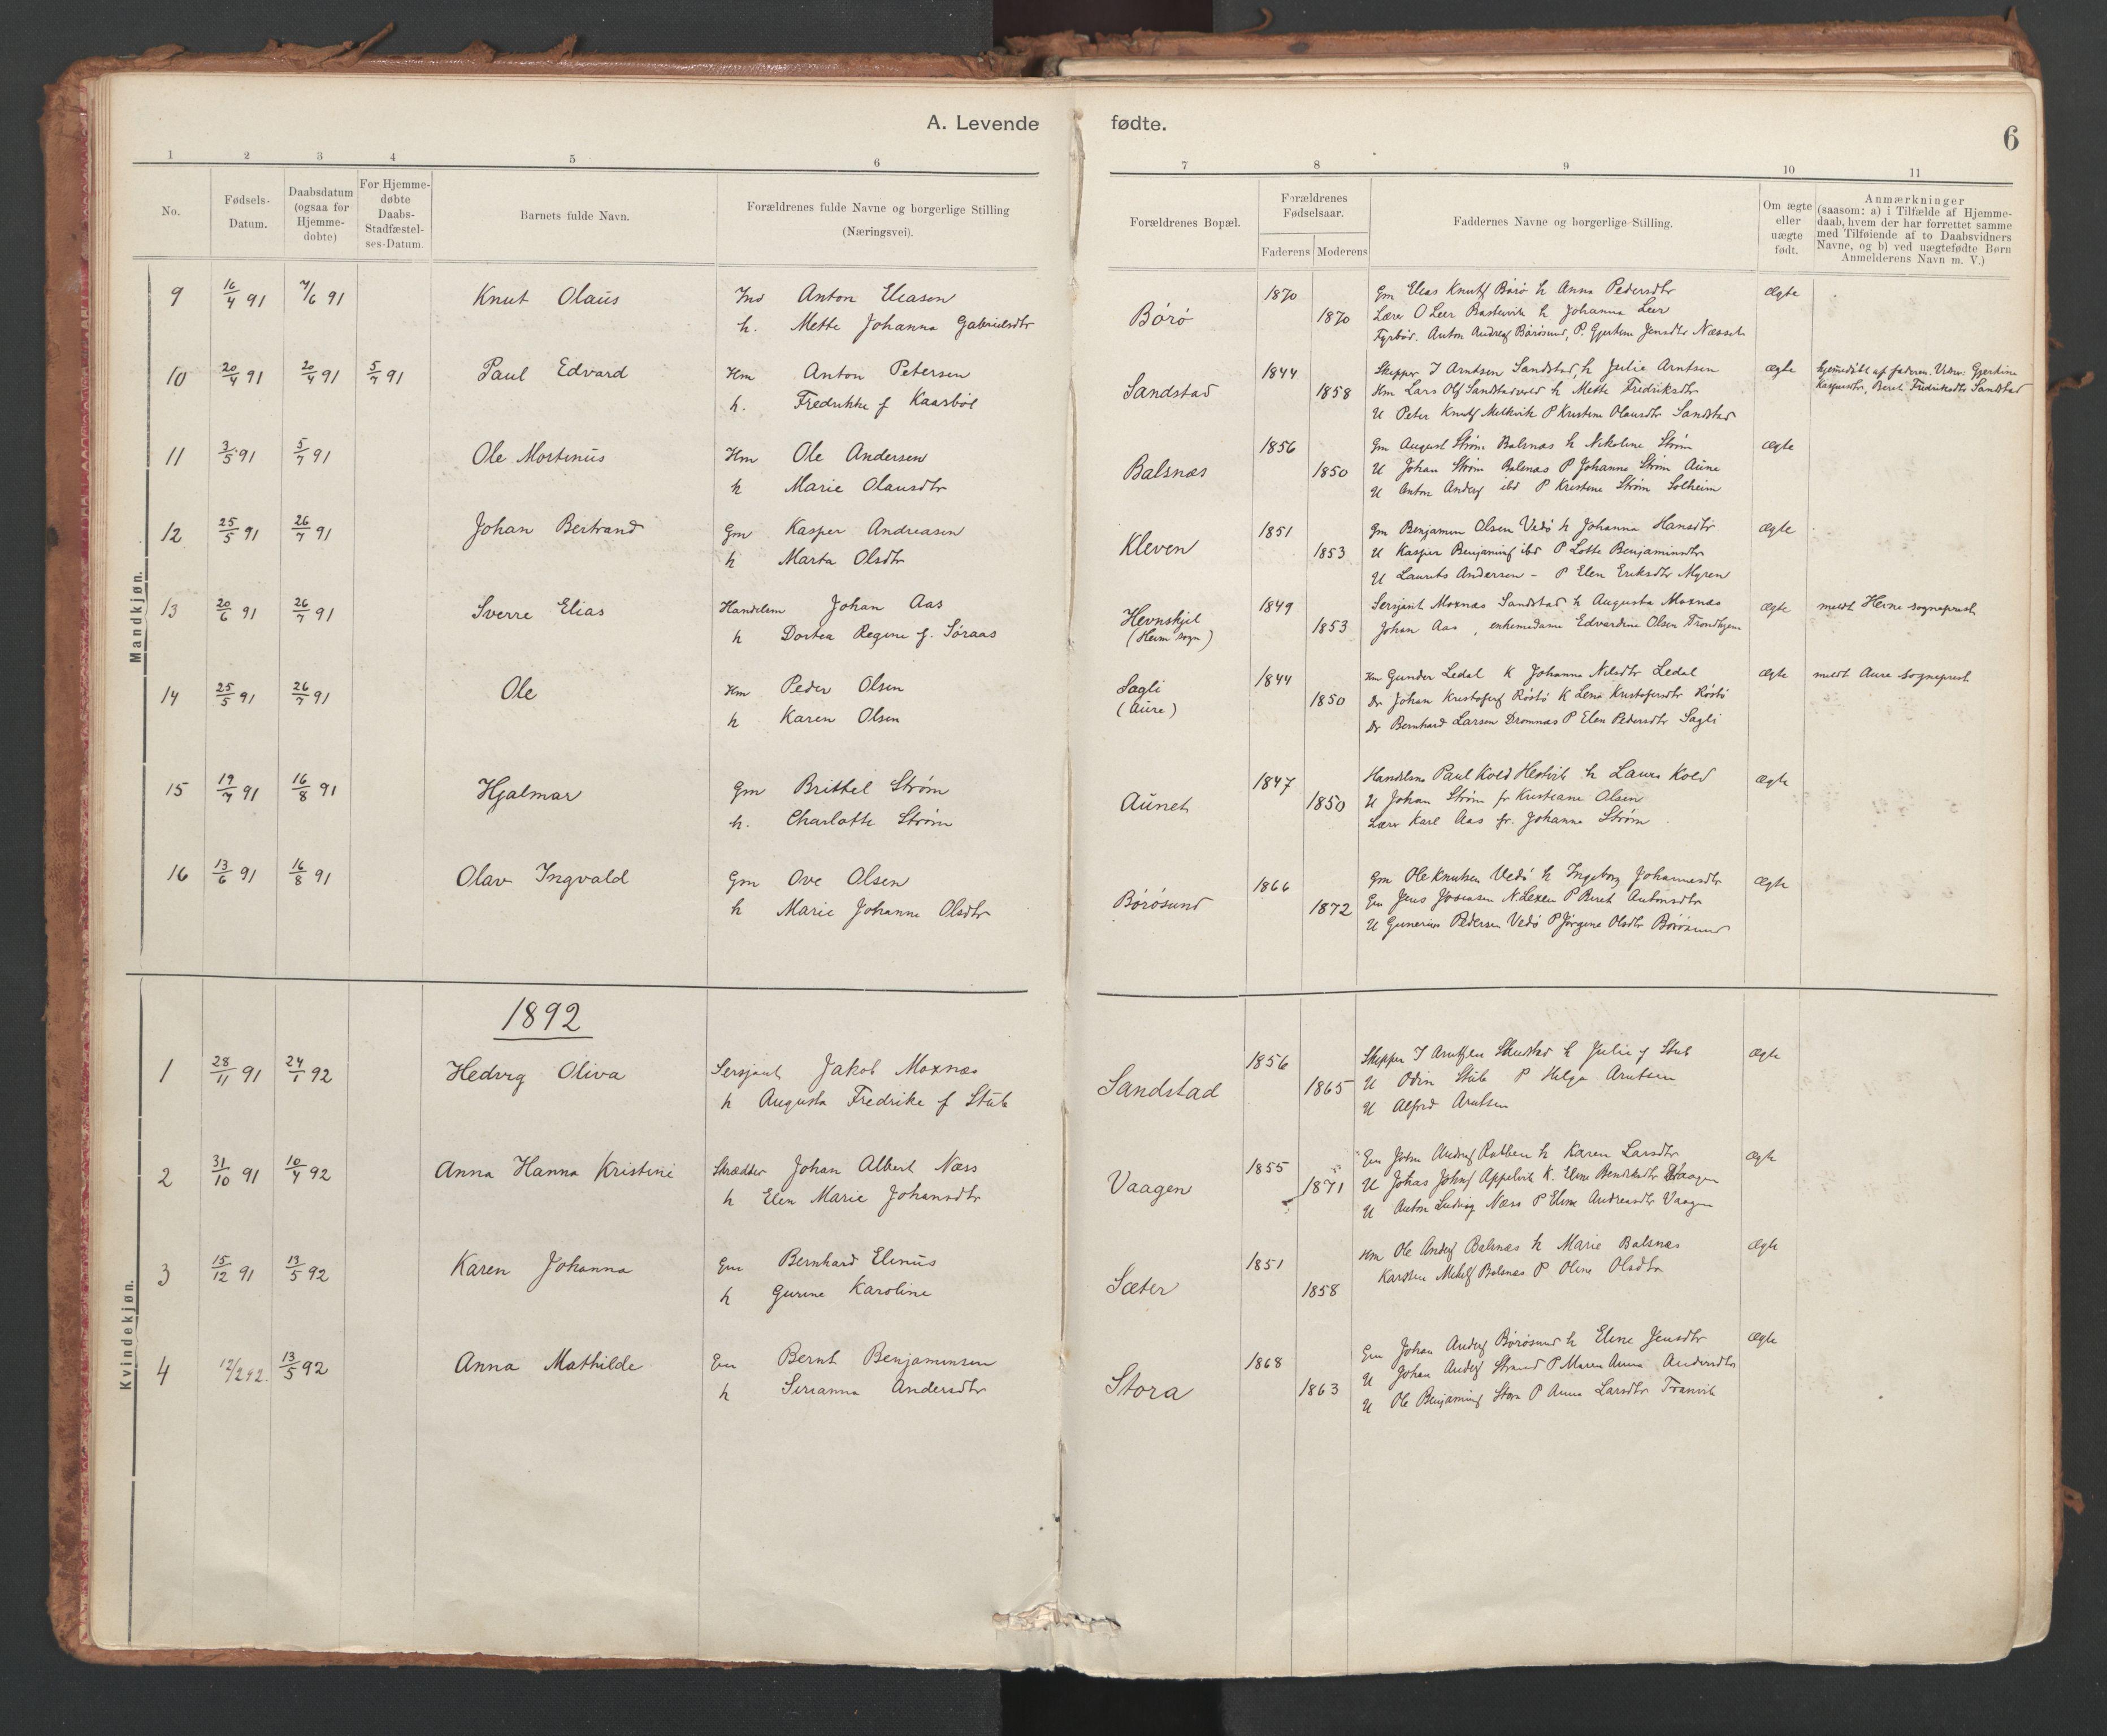 SAT, Ministerialprotokoller, klokkerbøker og fødselsregistre - Sør-Trøndelag, 639/L0572: Ministerialbok nr. 639A01, 1890-1920, s. 6